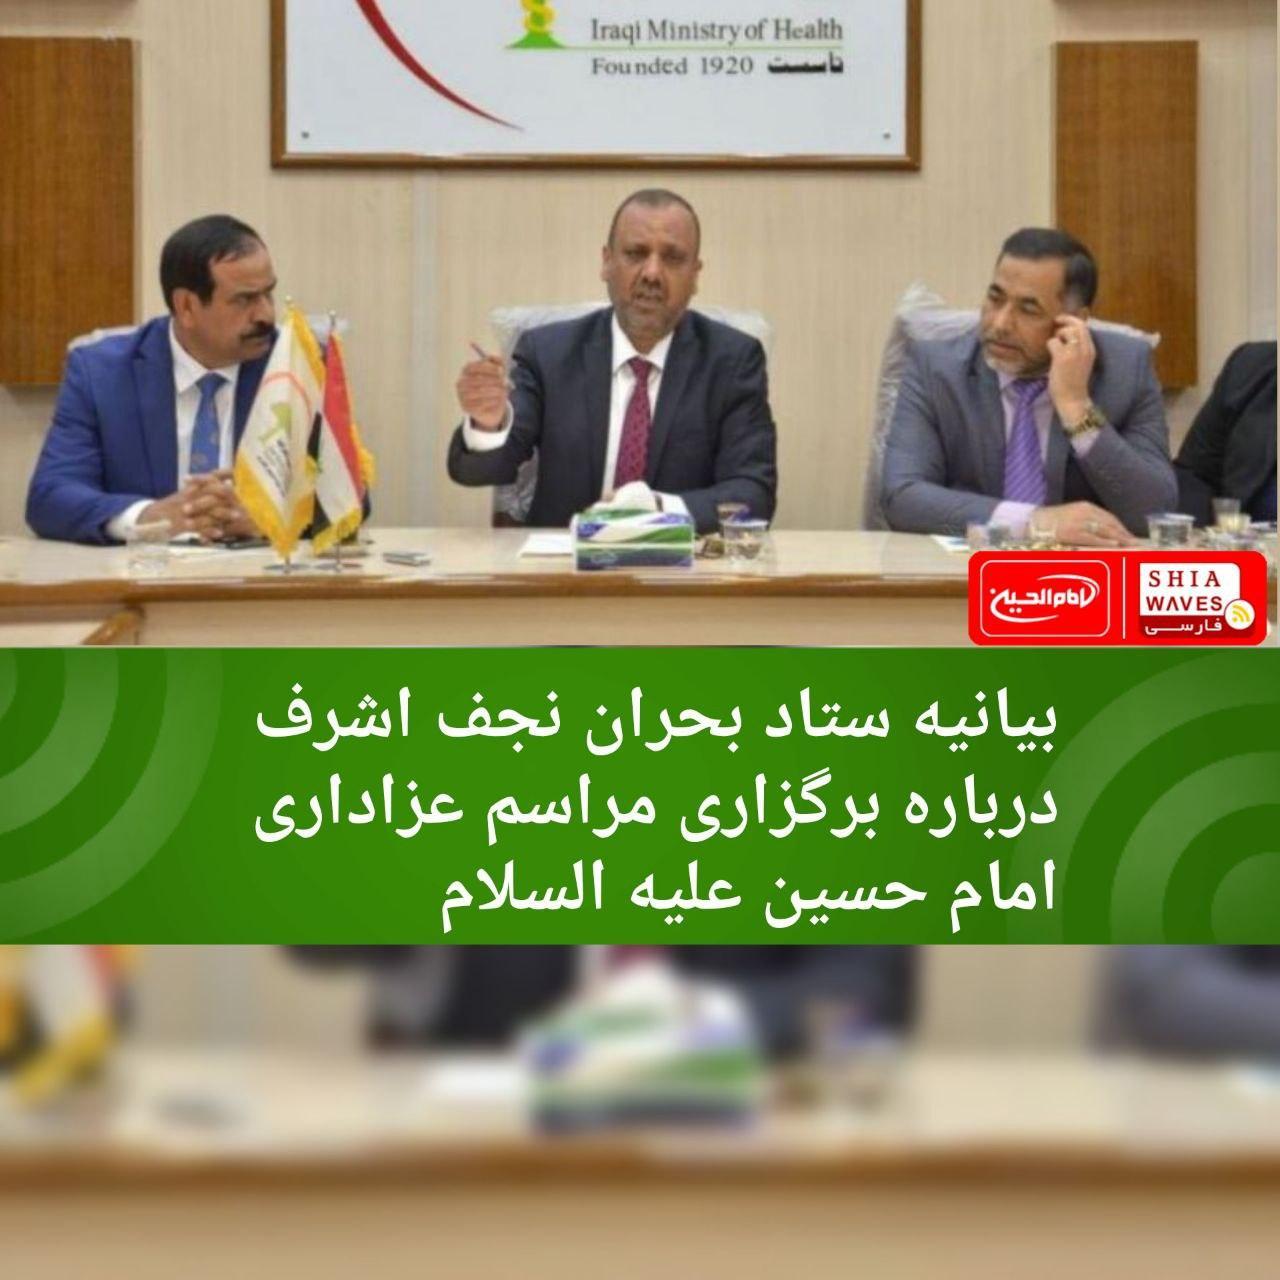 تصویر بیانیه ستاد بحران نجف اشرف درباره برگزاری مراسم عزاداری امام حسین علیه السلام